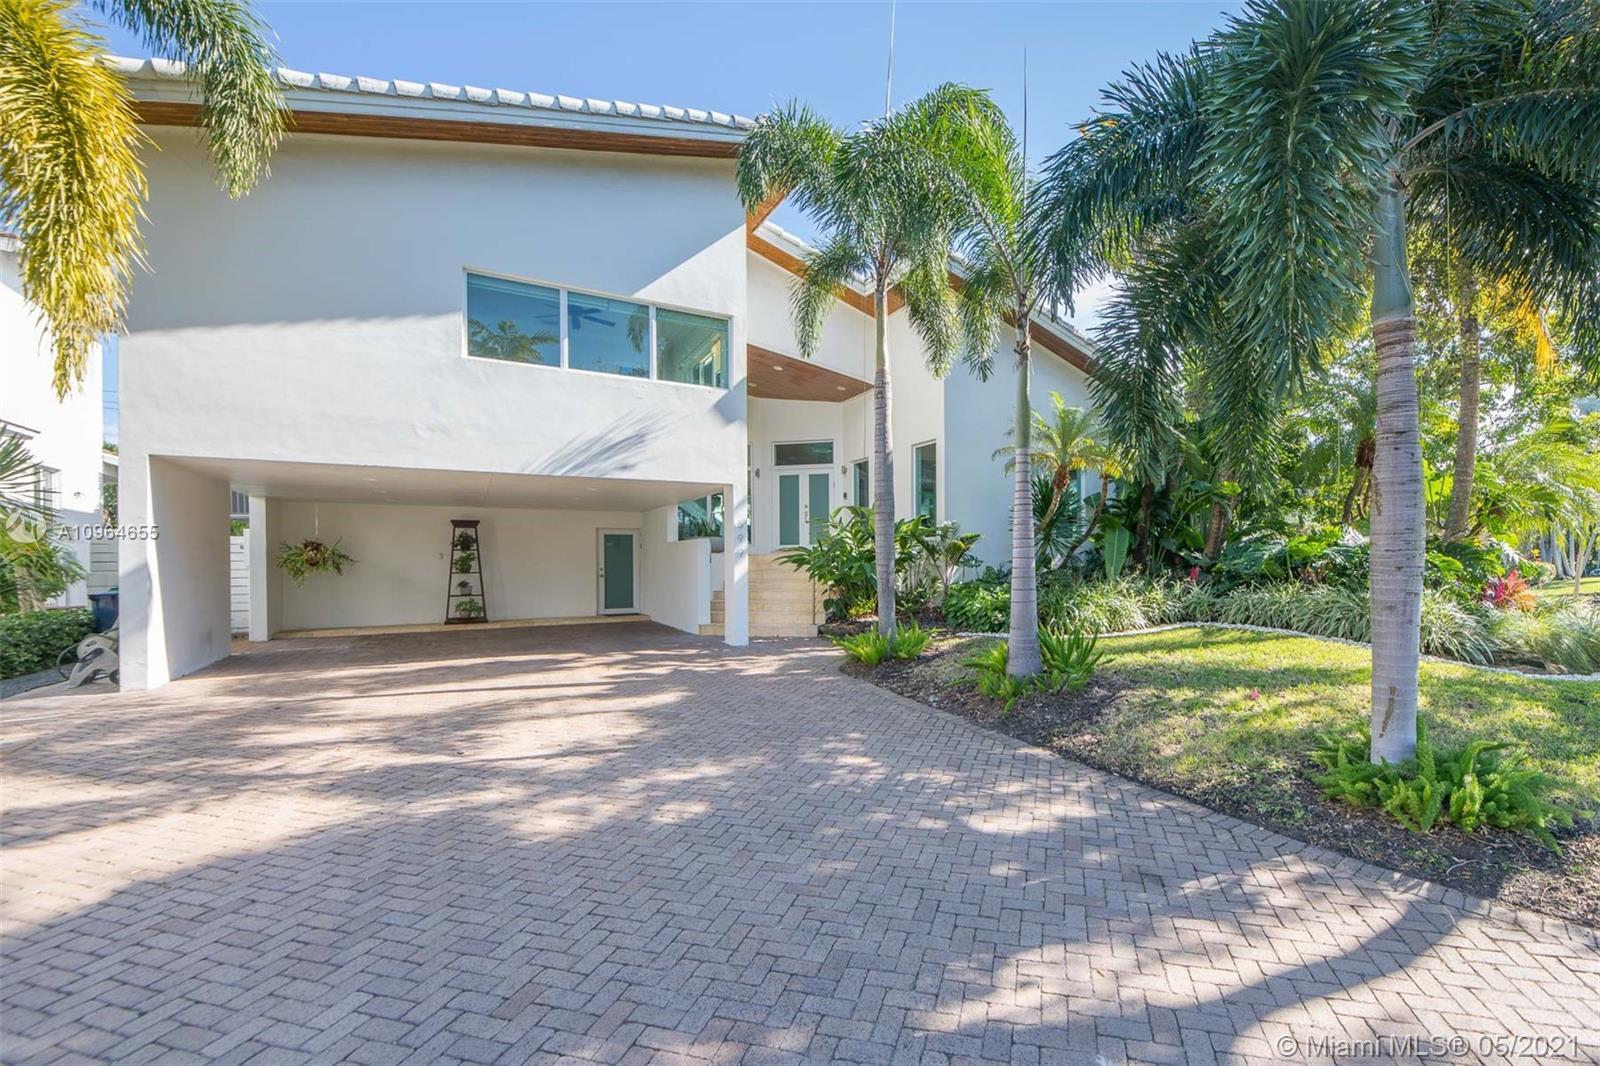 Biscayne Key Estates - 699 Glenridge Rd, Key Biscayne, FL 33149